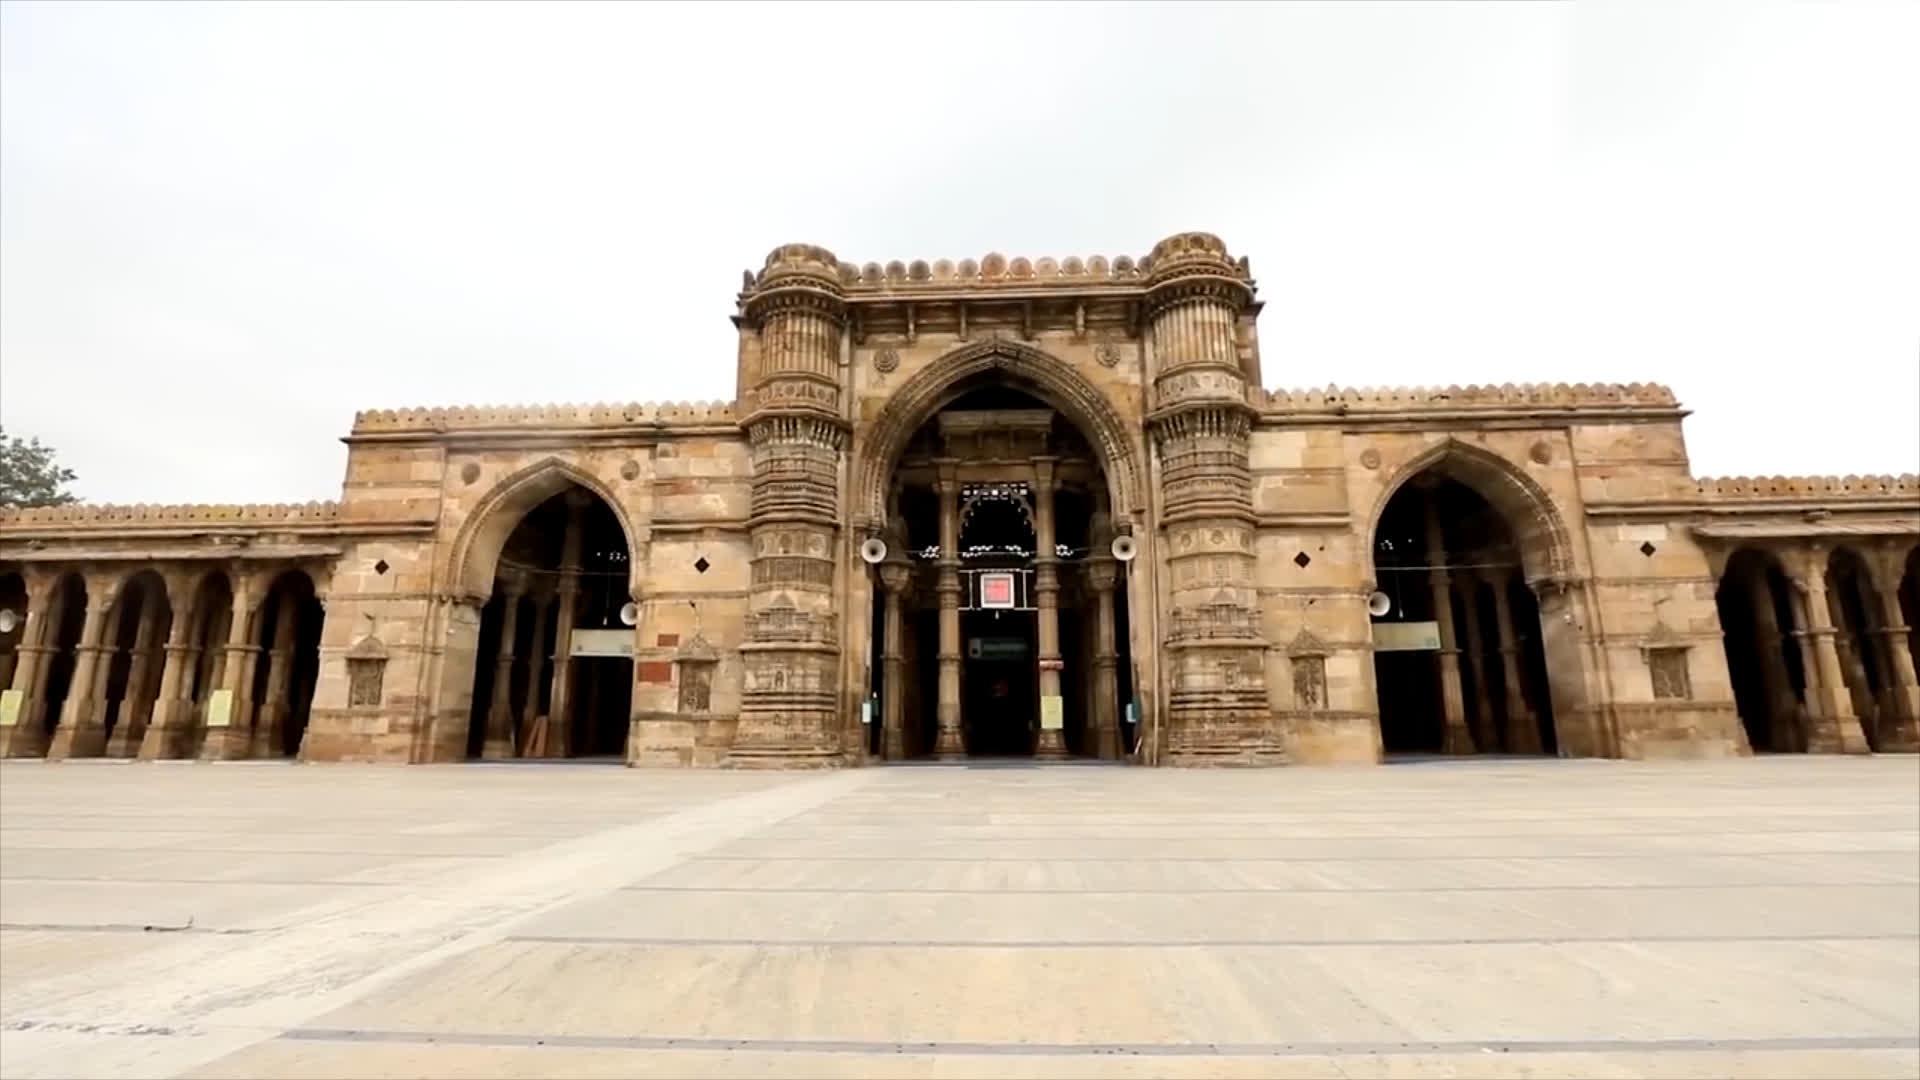 Ahmedabad's Jama Masjid